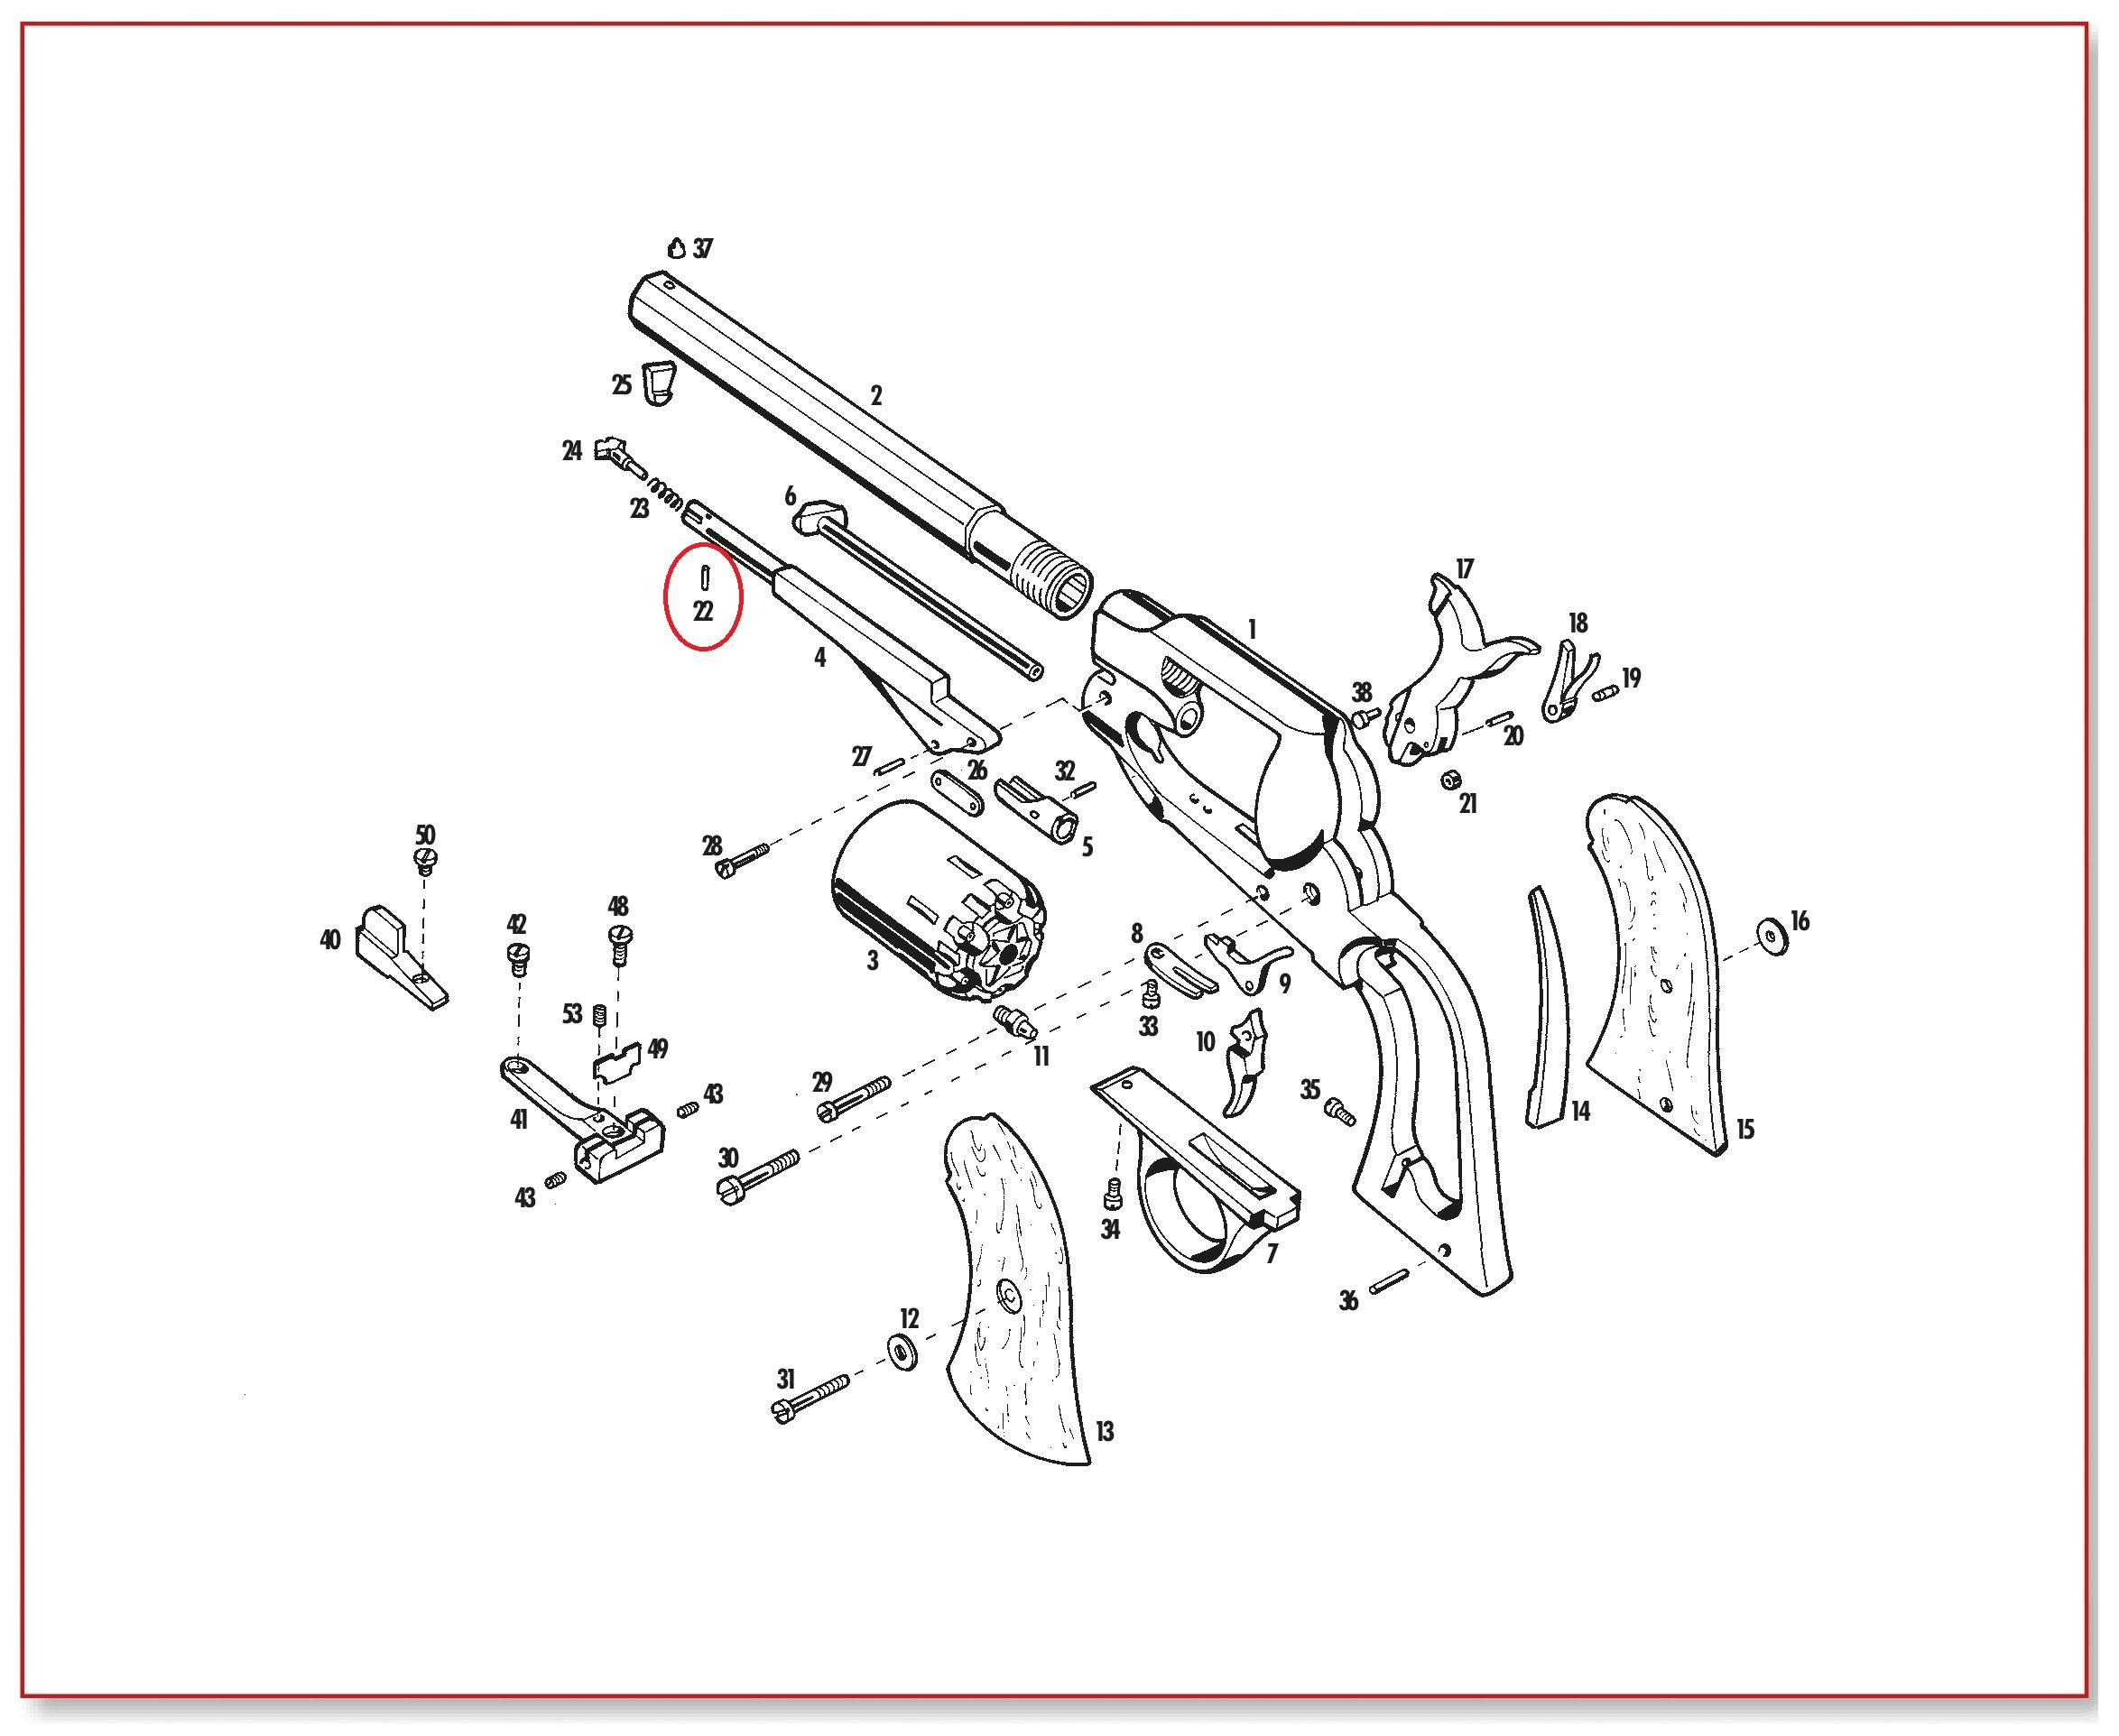 Remington Shotgun Parts Diagram Wiring Diagrams For Dummies Info Shotguns Remingtonshotguns Remington870 Remington870diagram 22 1858 62 Loading Lever Latch Pin 870 58